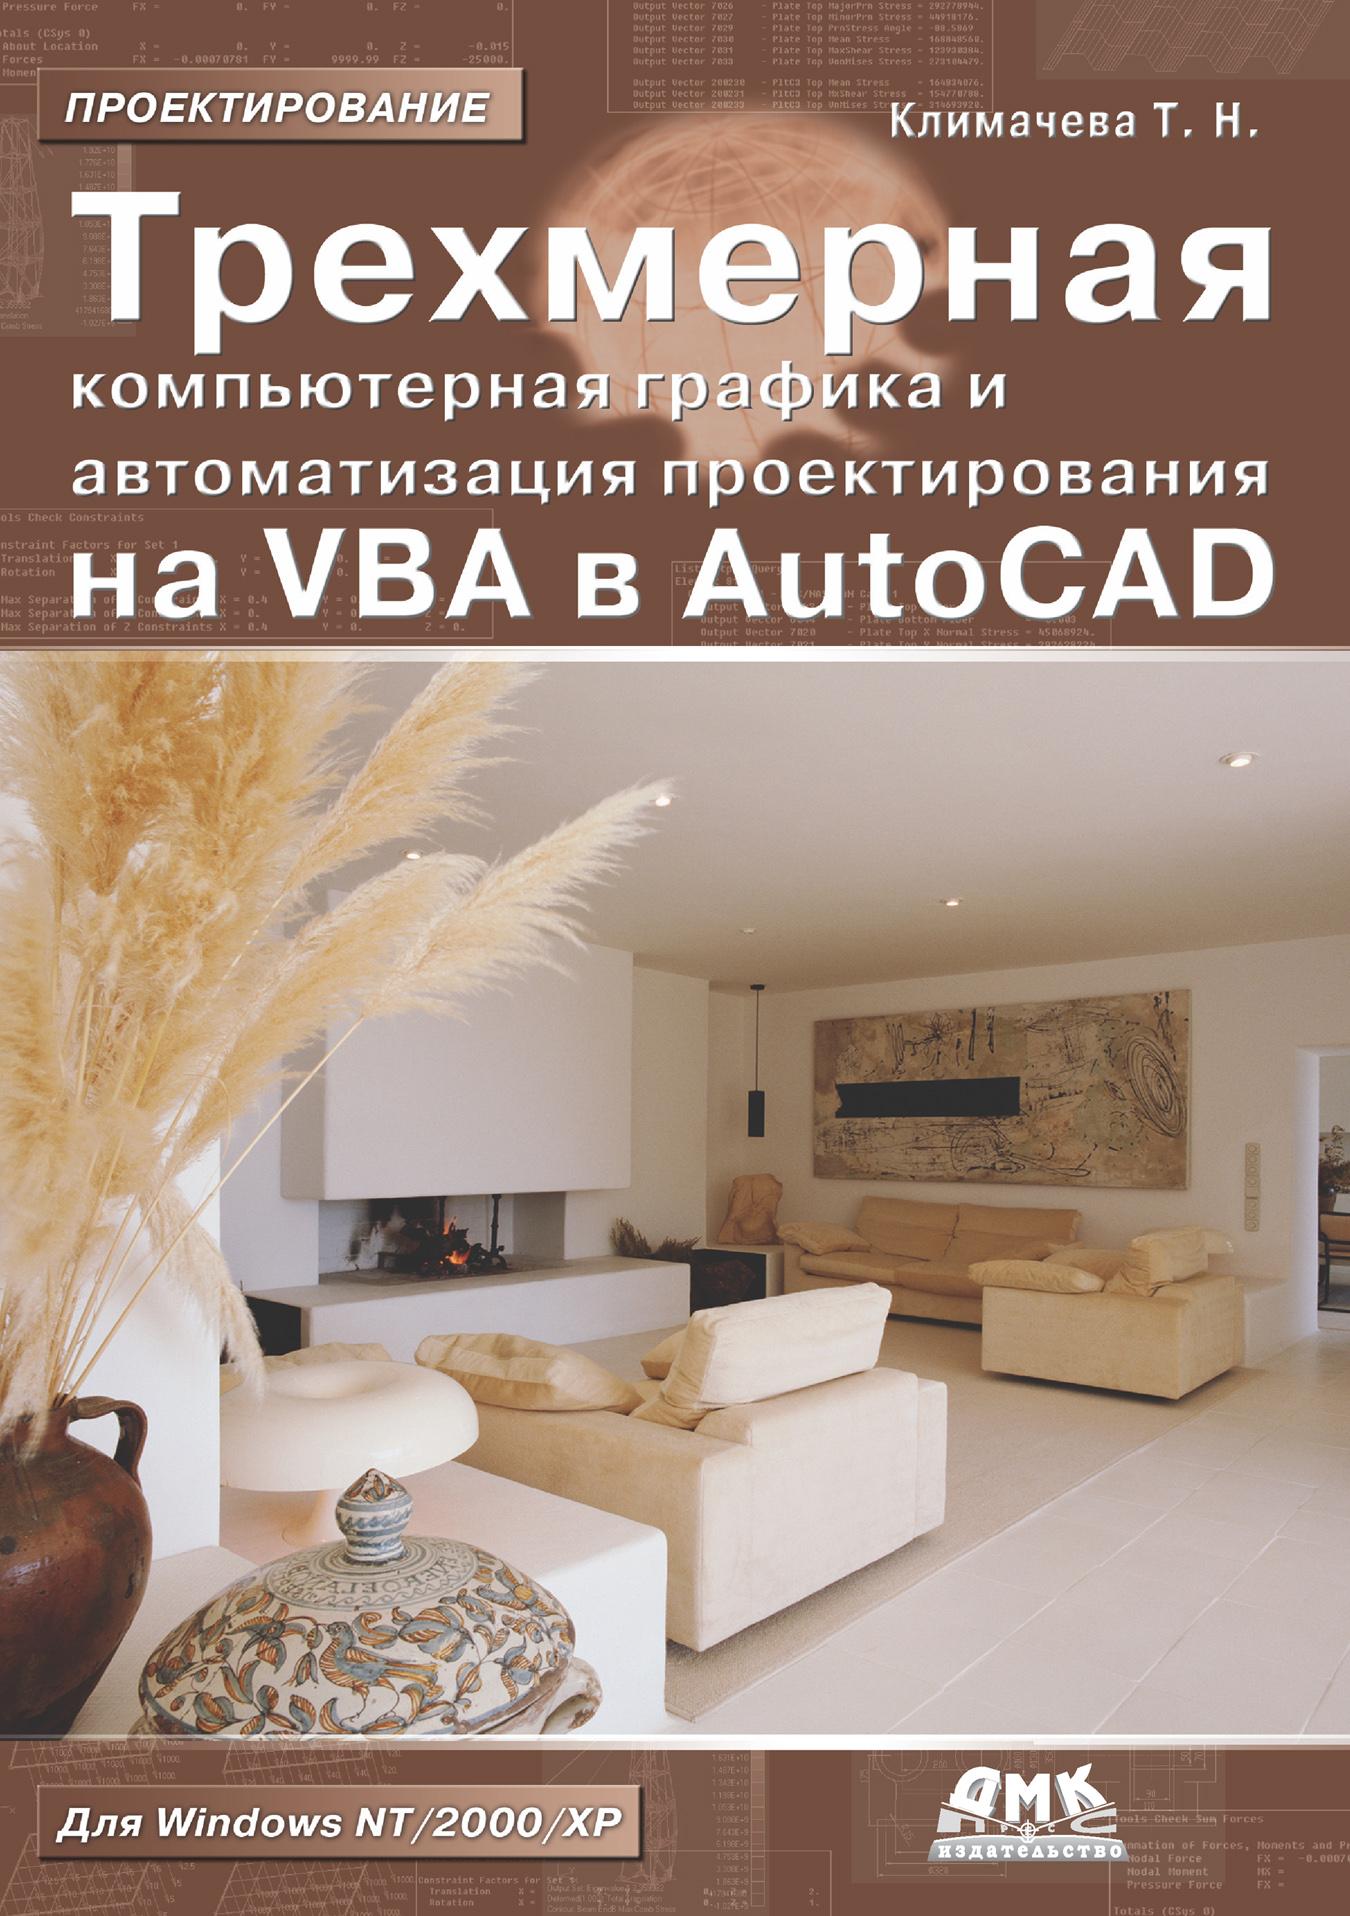 Трехмерная компьютерная графика и автоматизация проектирования на VBA в AutoCAD, Татьяна Николаевна Климачева